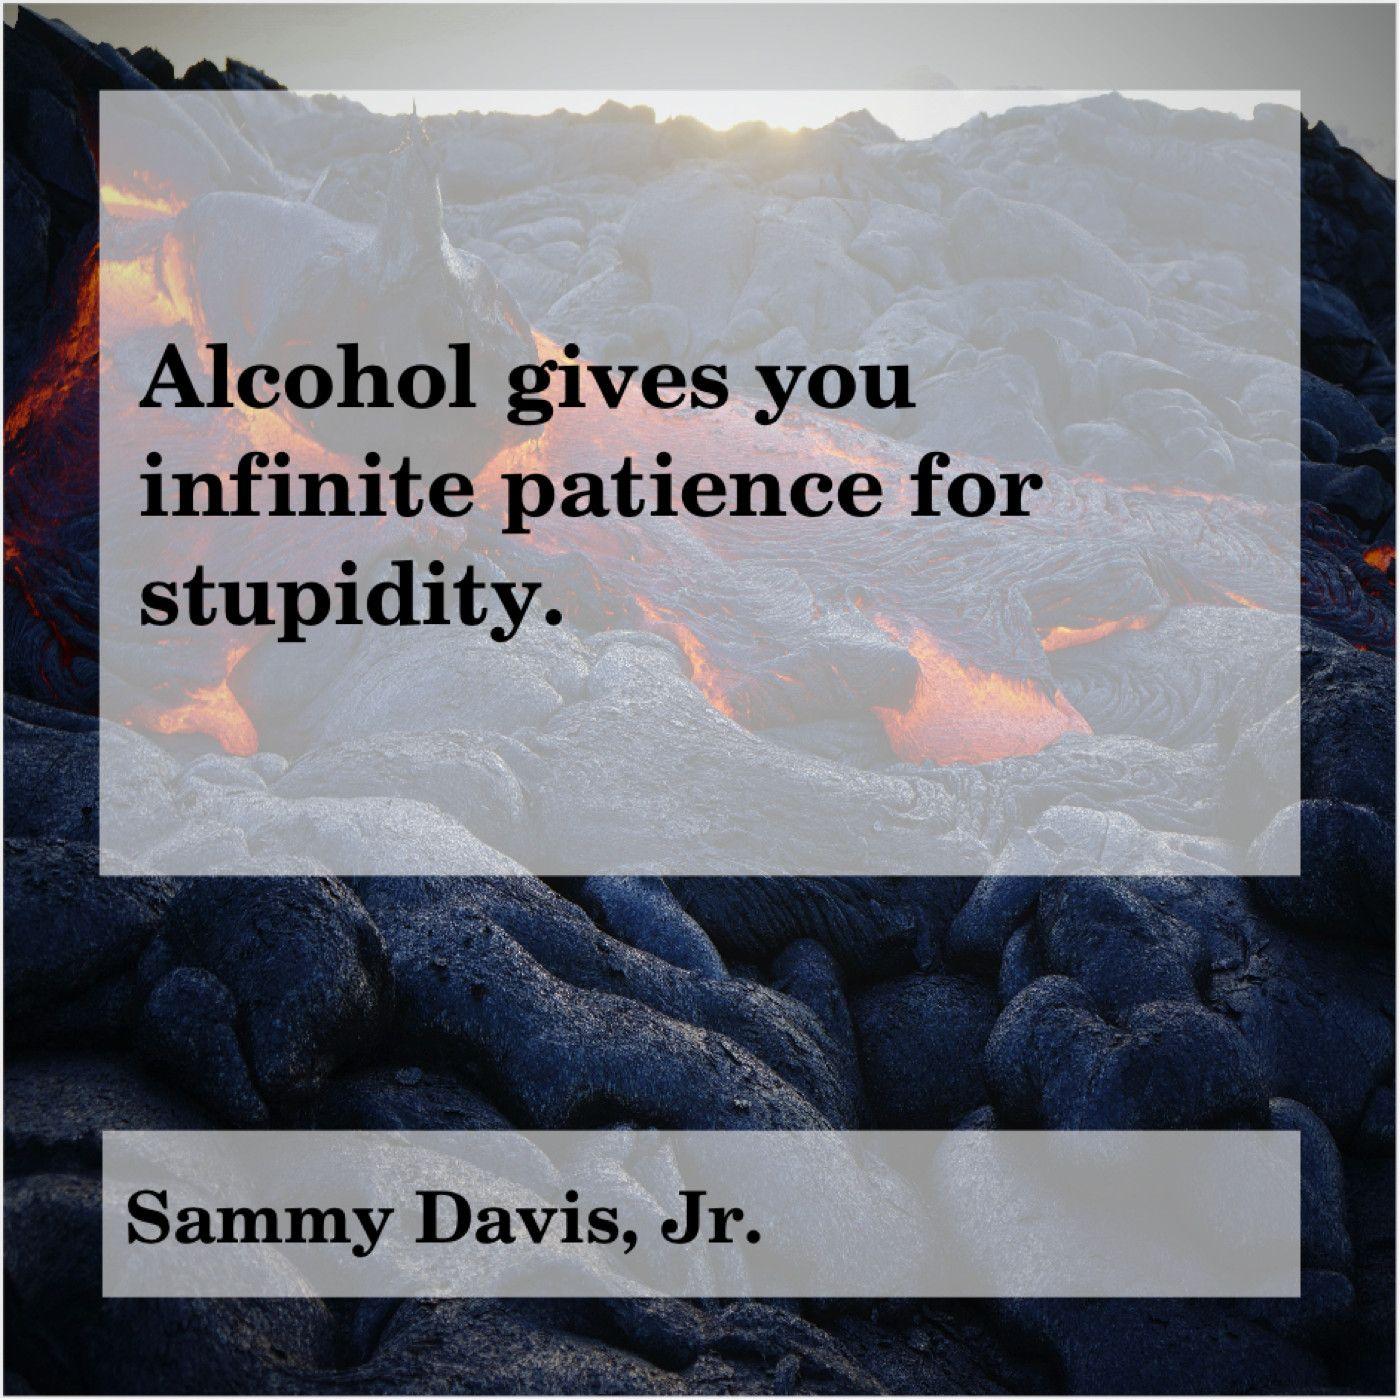 Sammy Davis, Jr. Alcohol gives you infinite patience